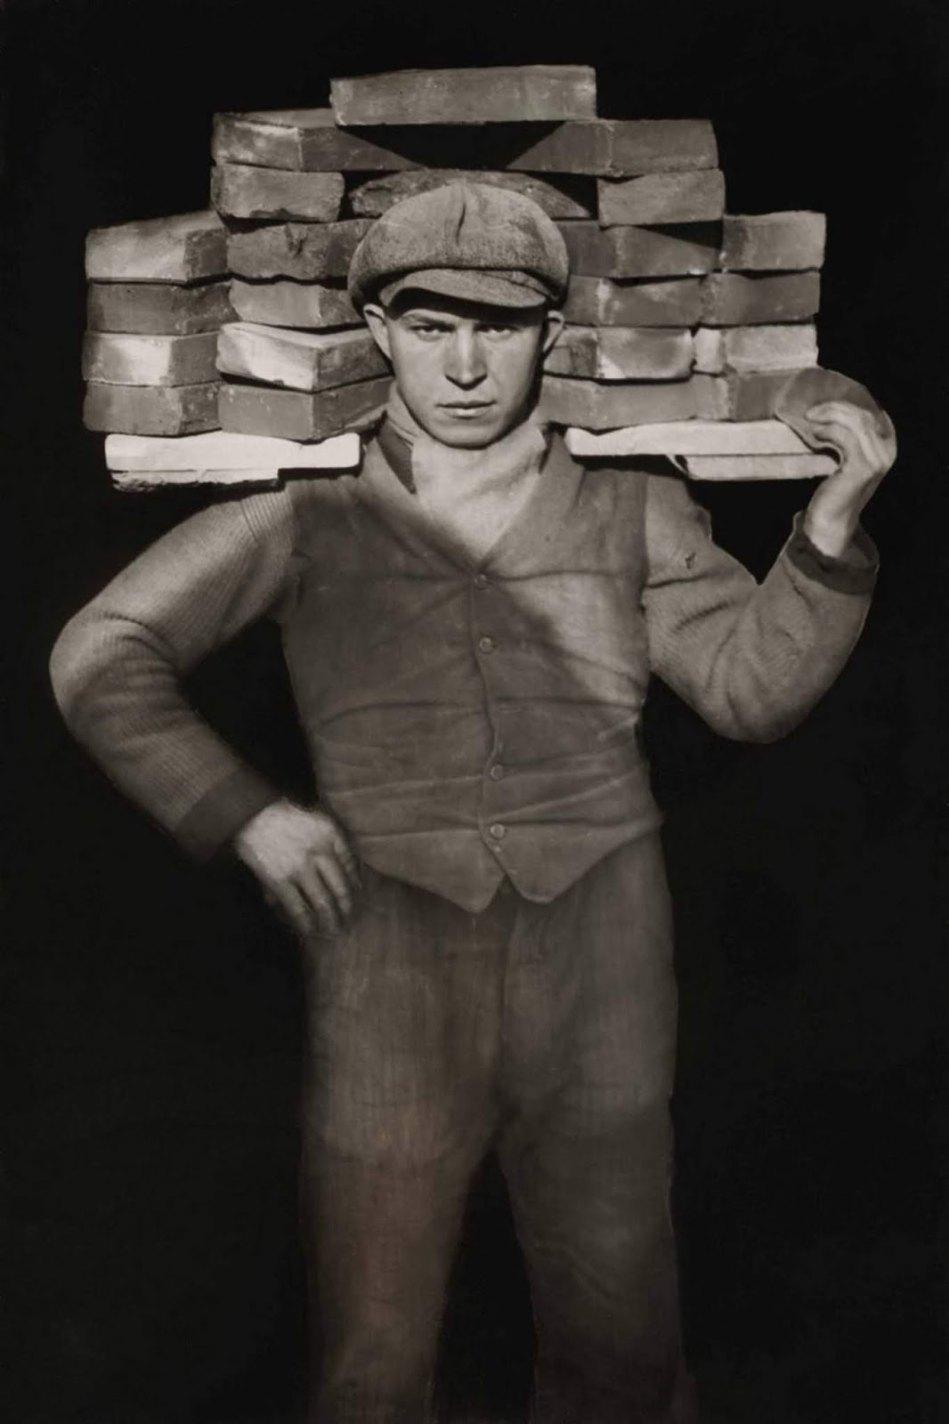 Bricklayer, August Sander,1928